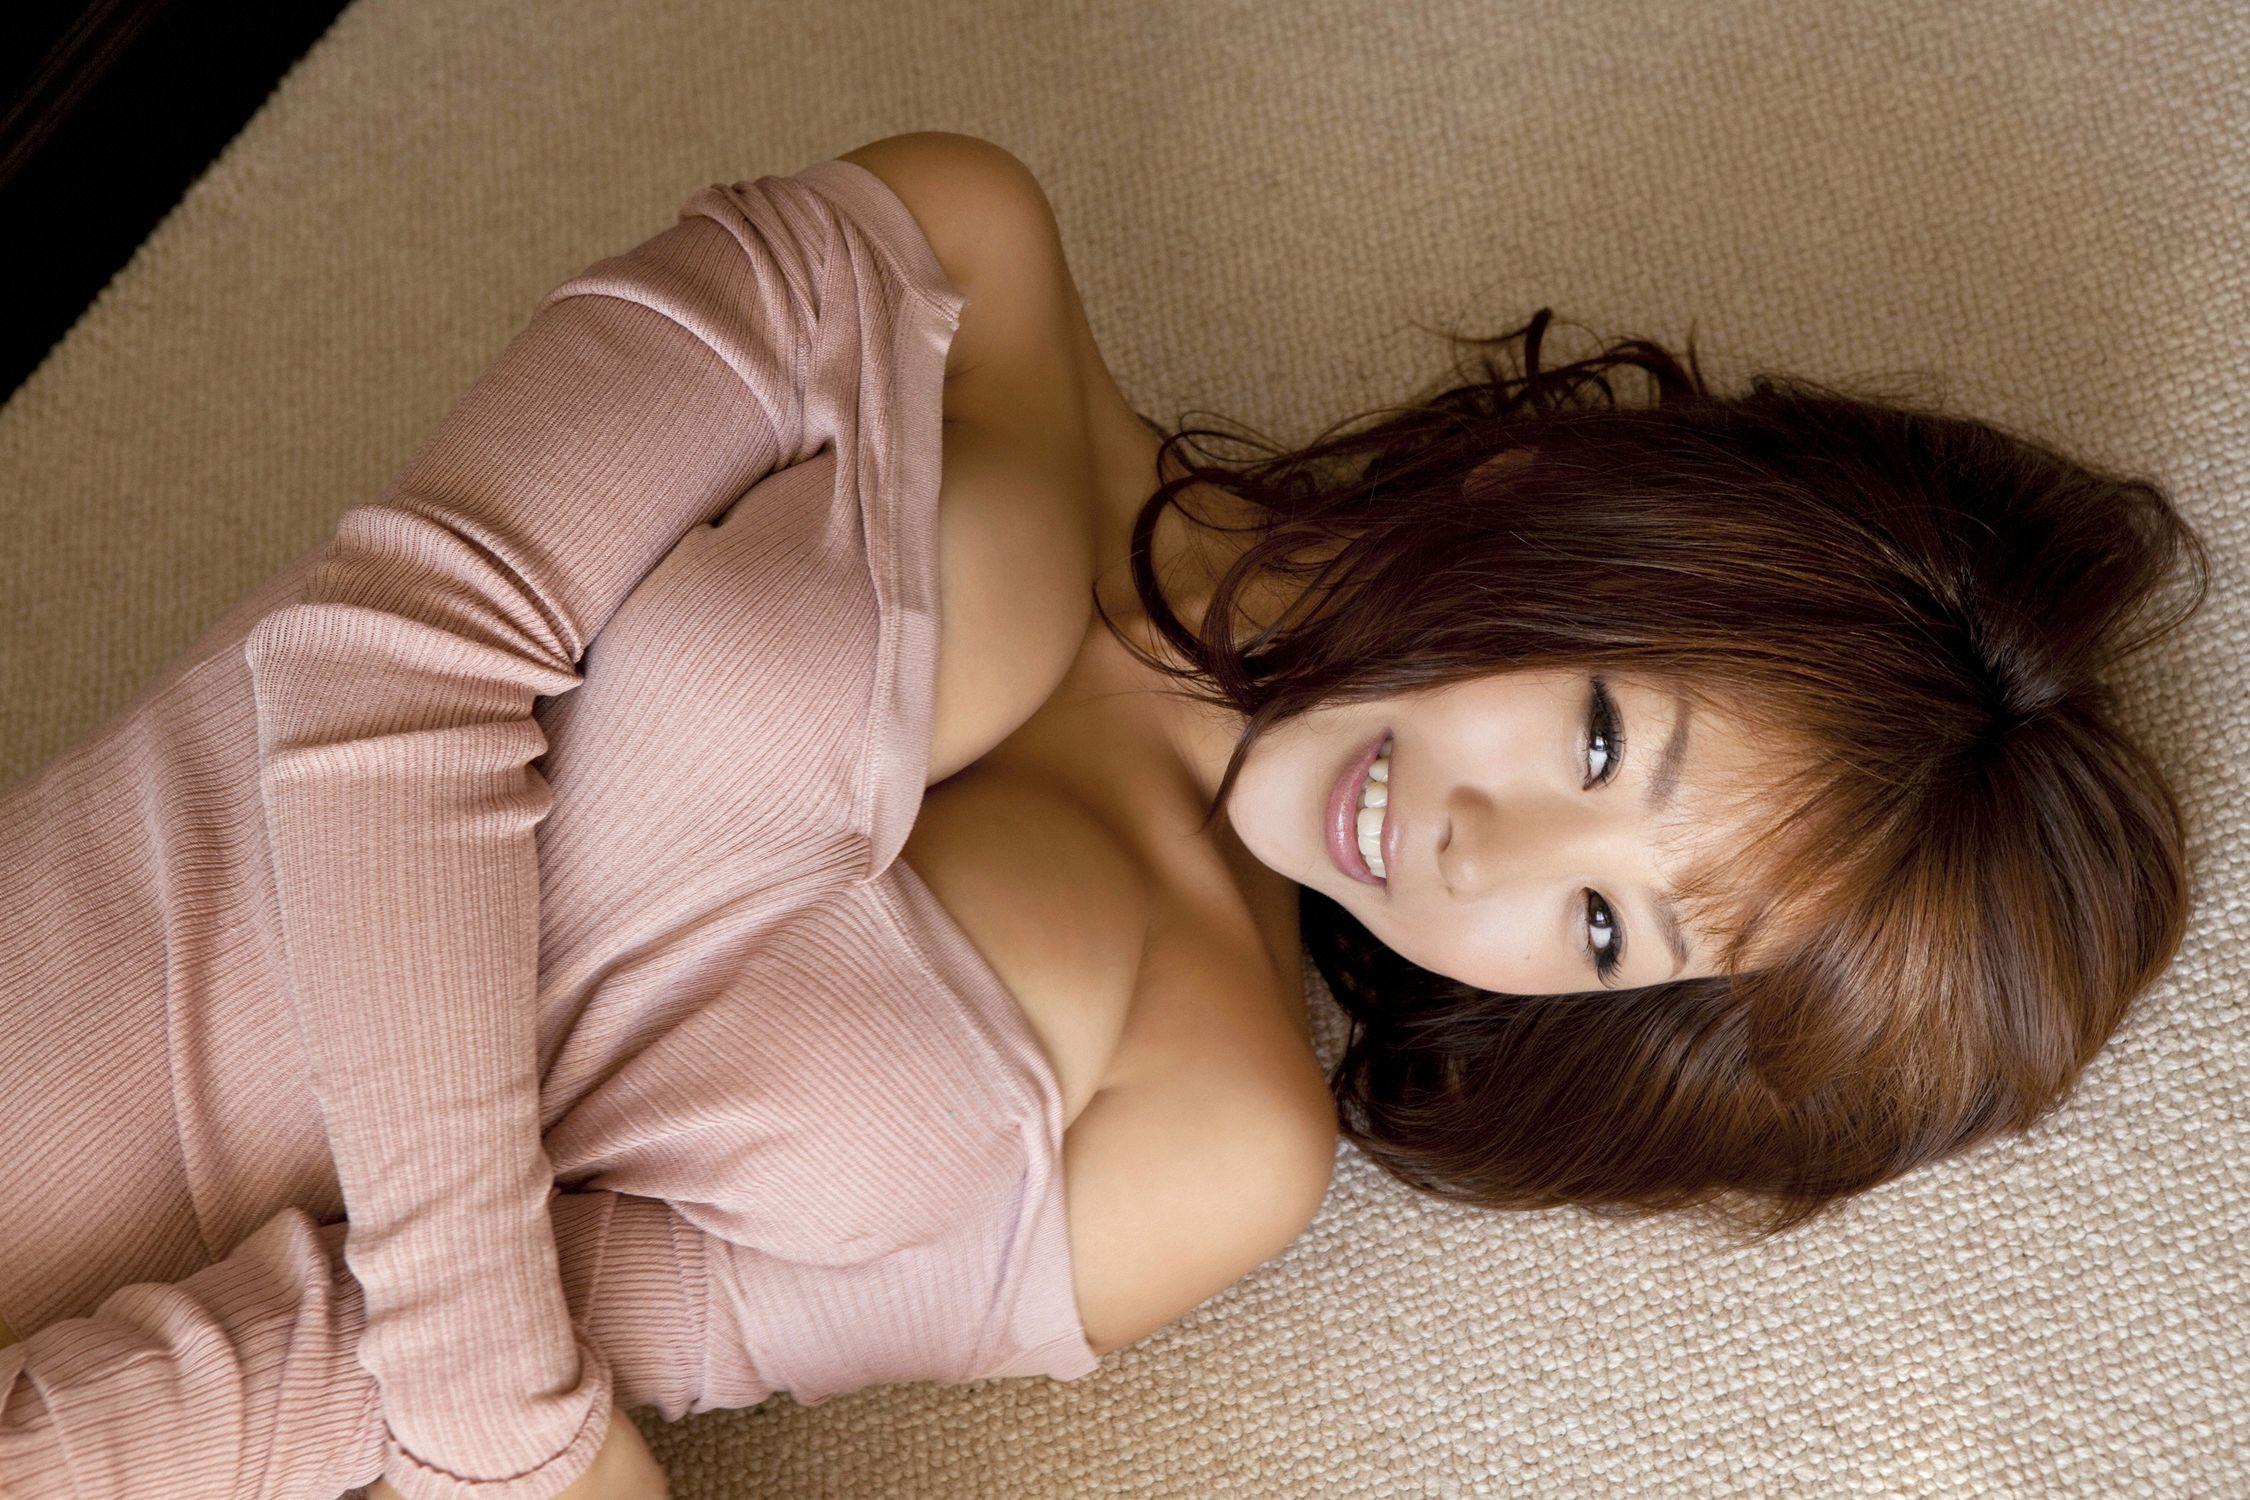 西田麻衣 過激 画像 32